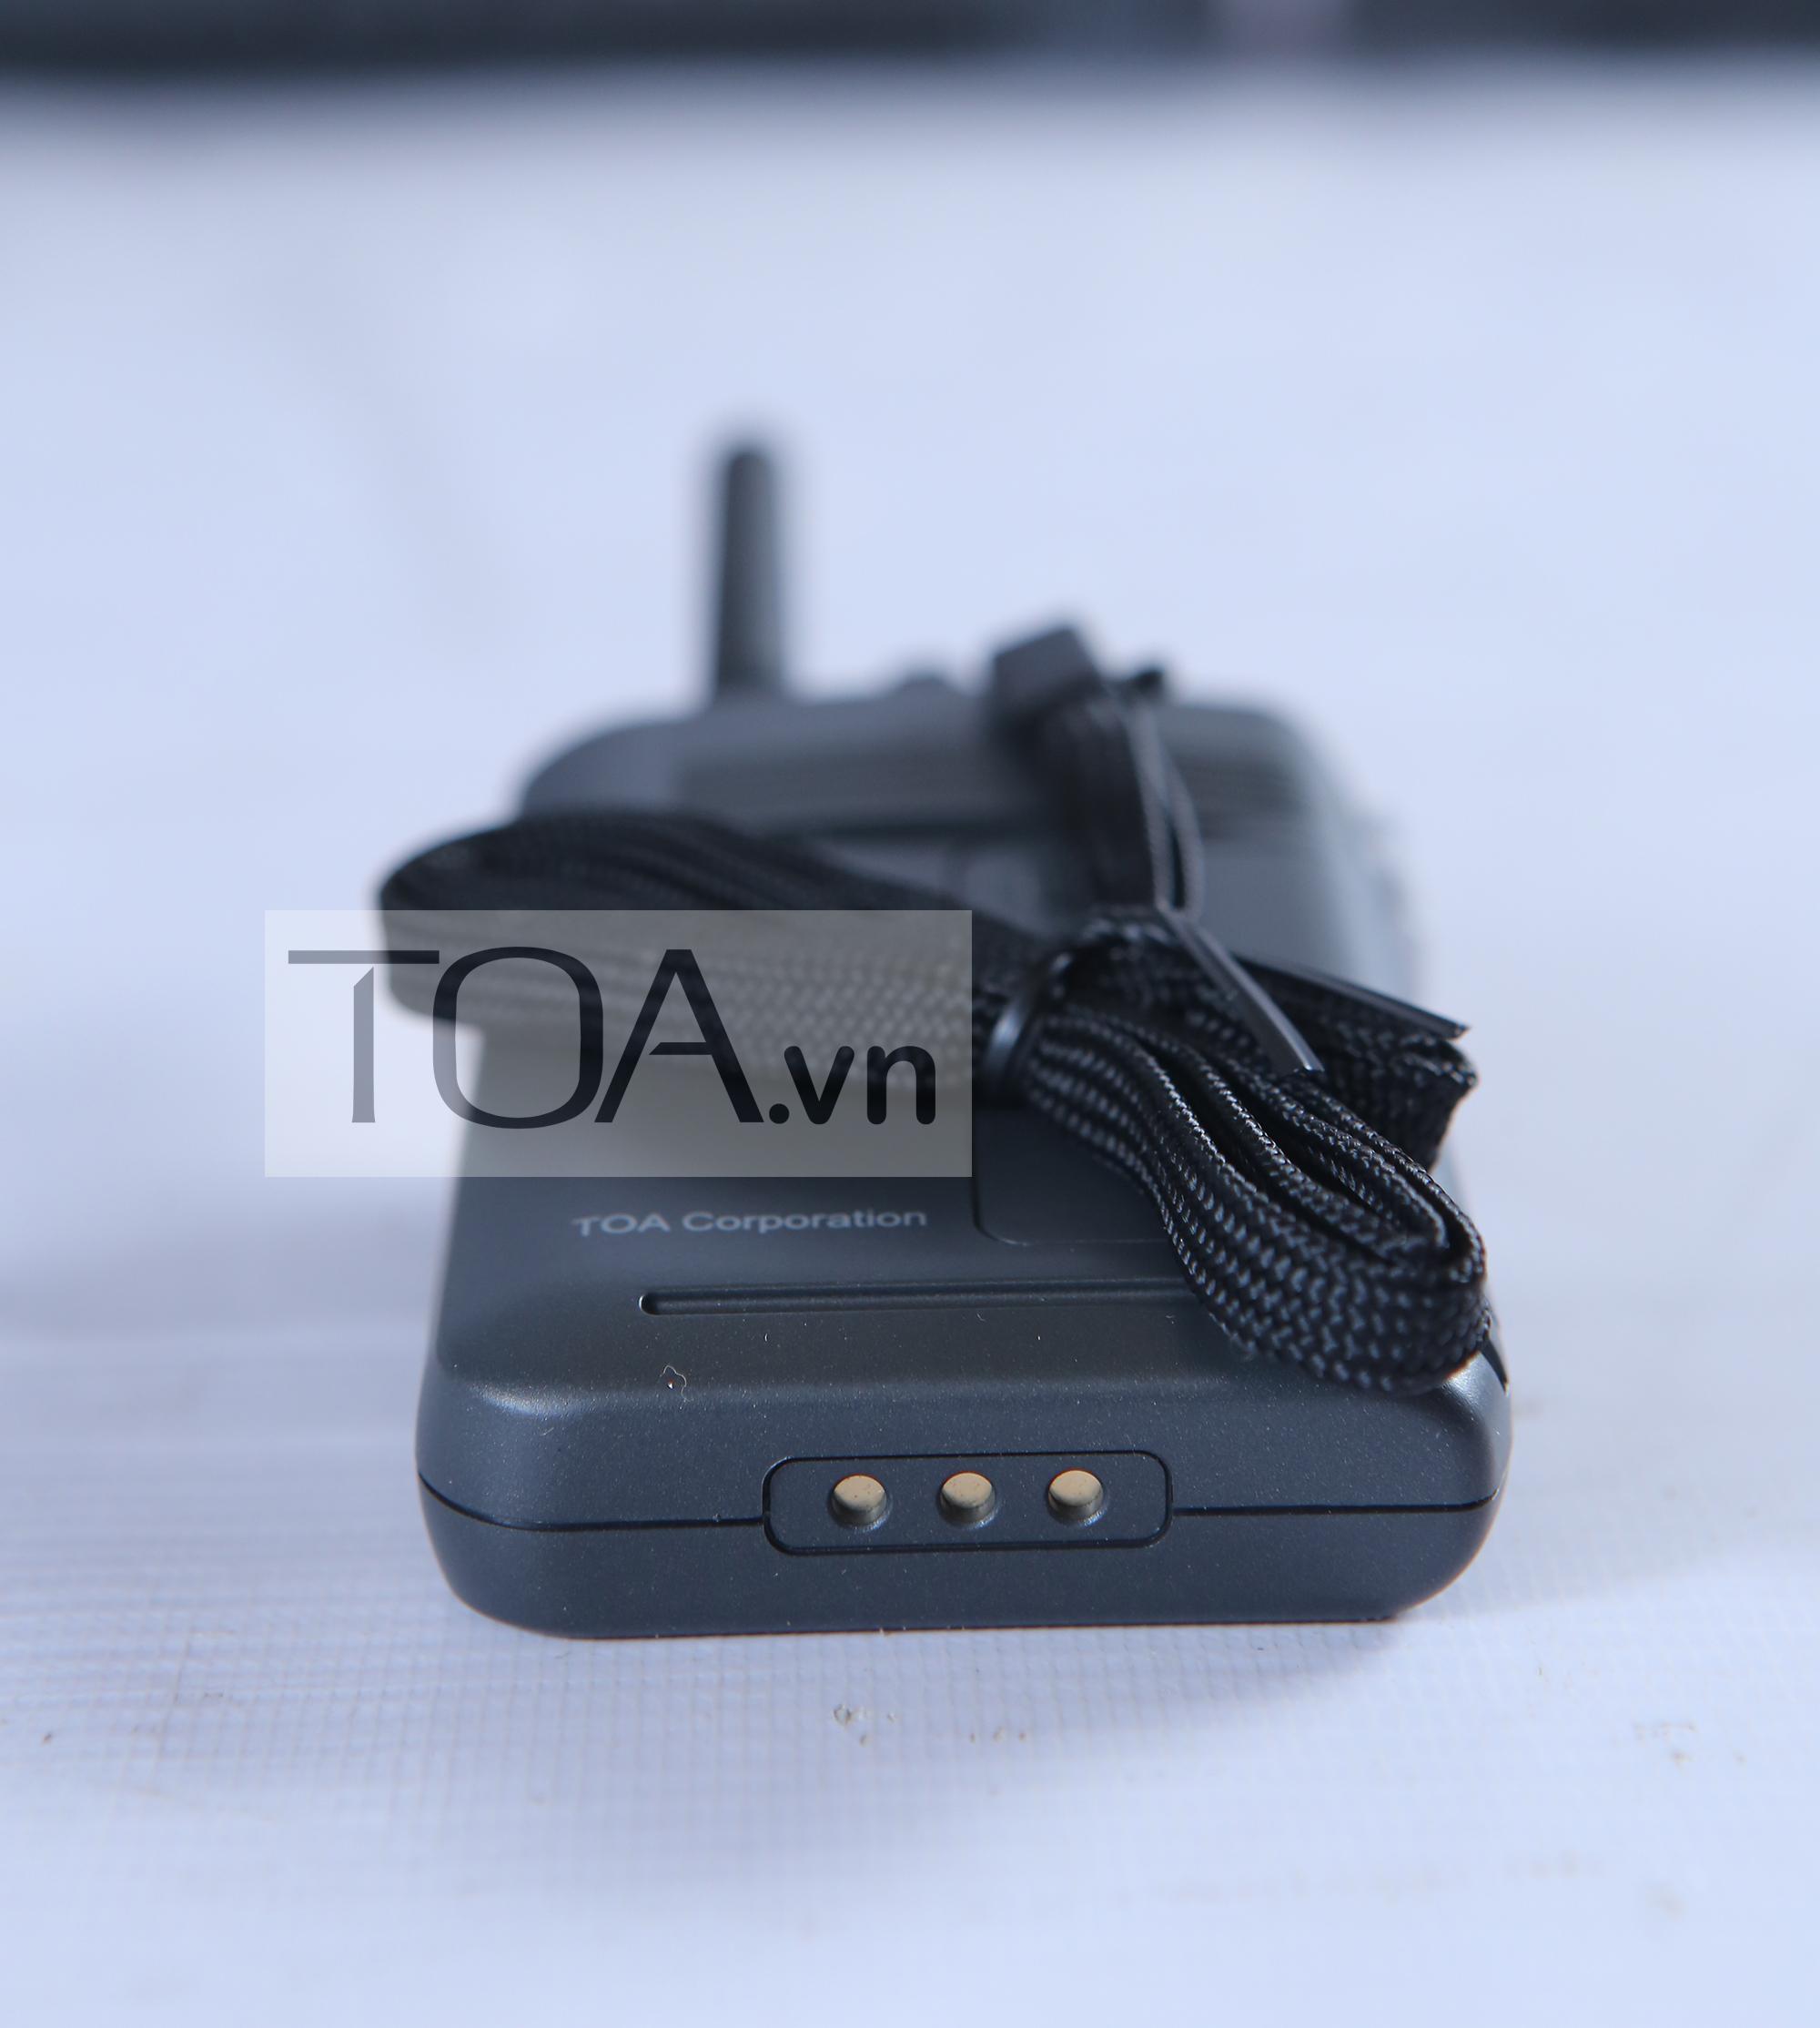 Hướng dẫn sử dụng máy bộ đàm không dây TOA WM-2100